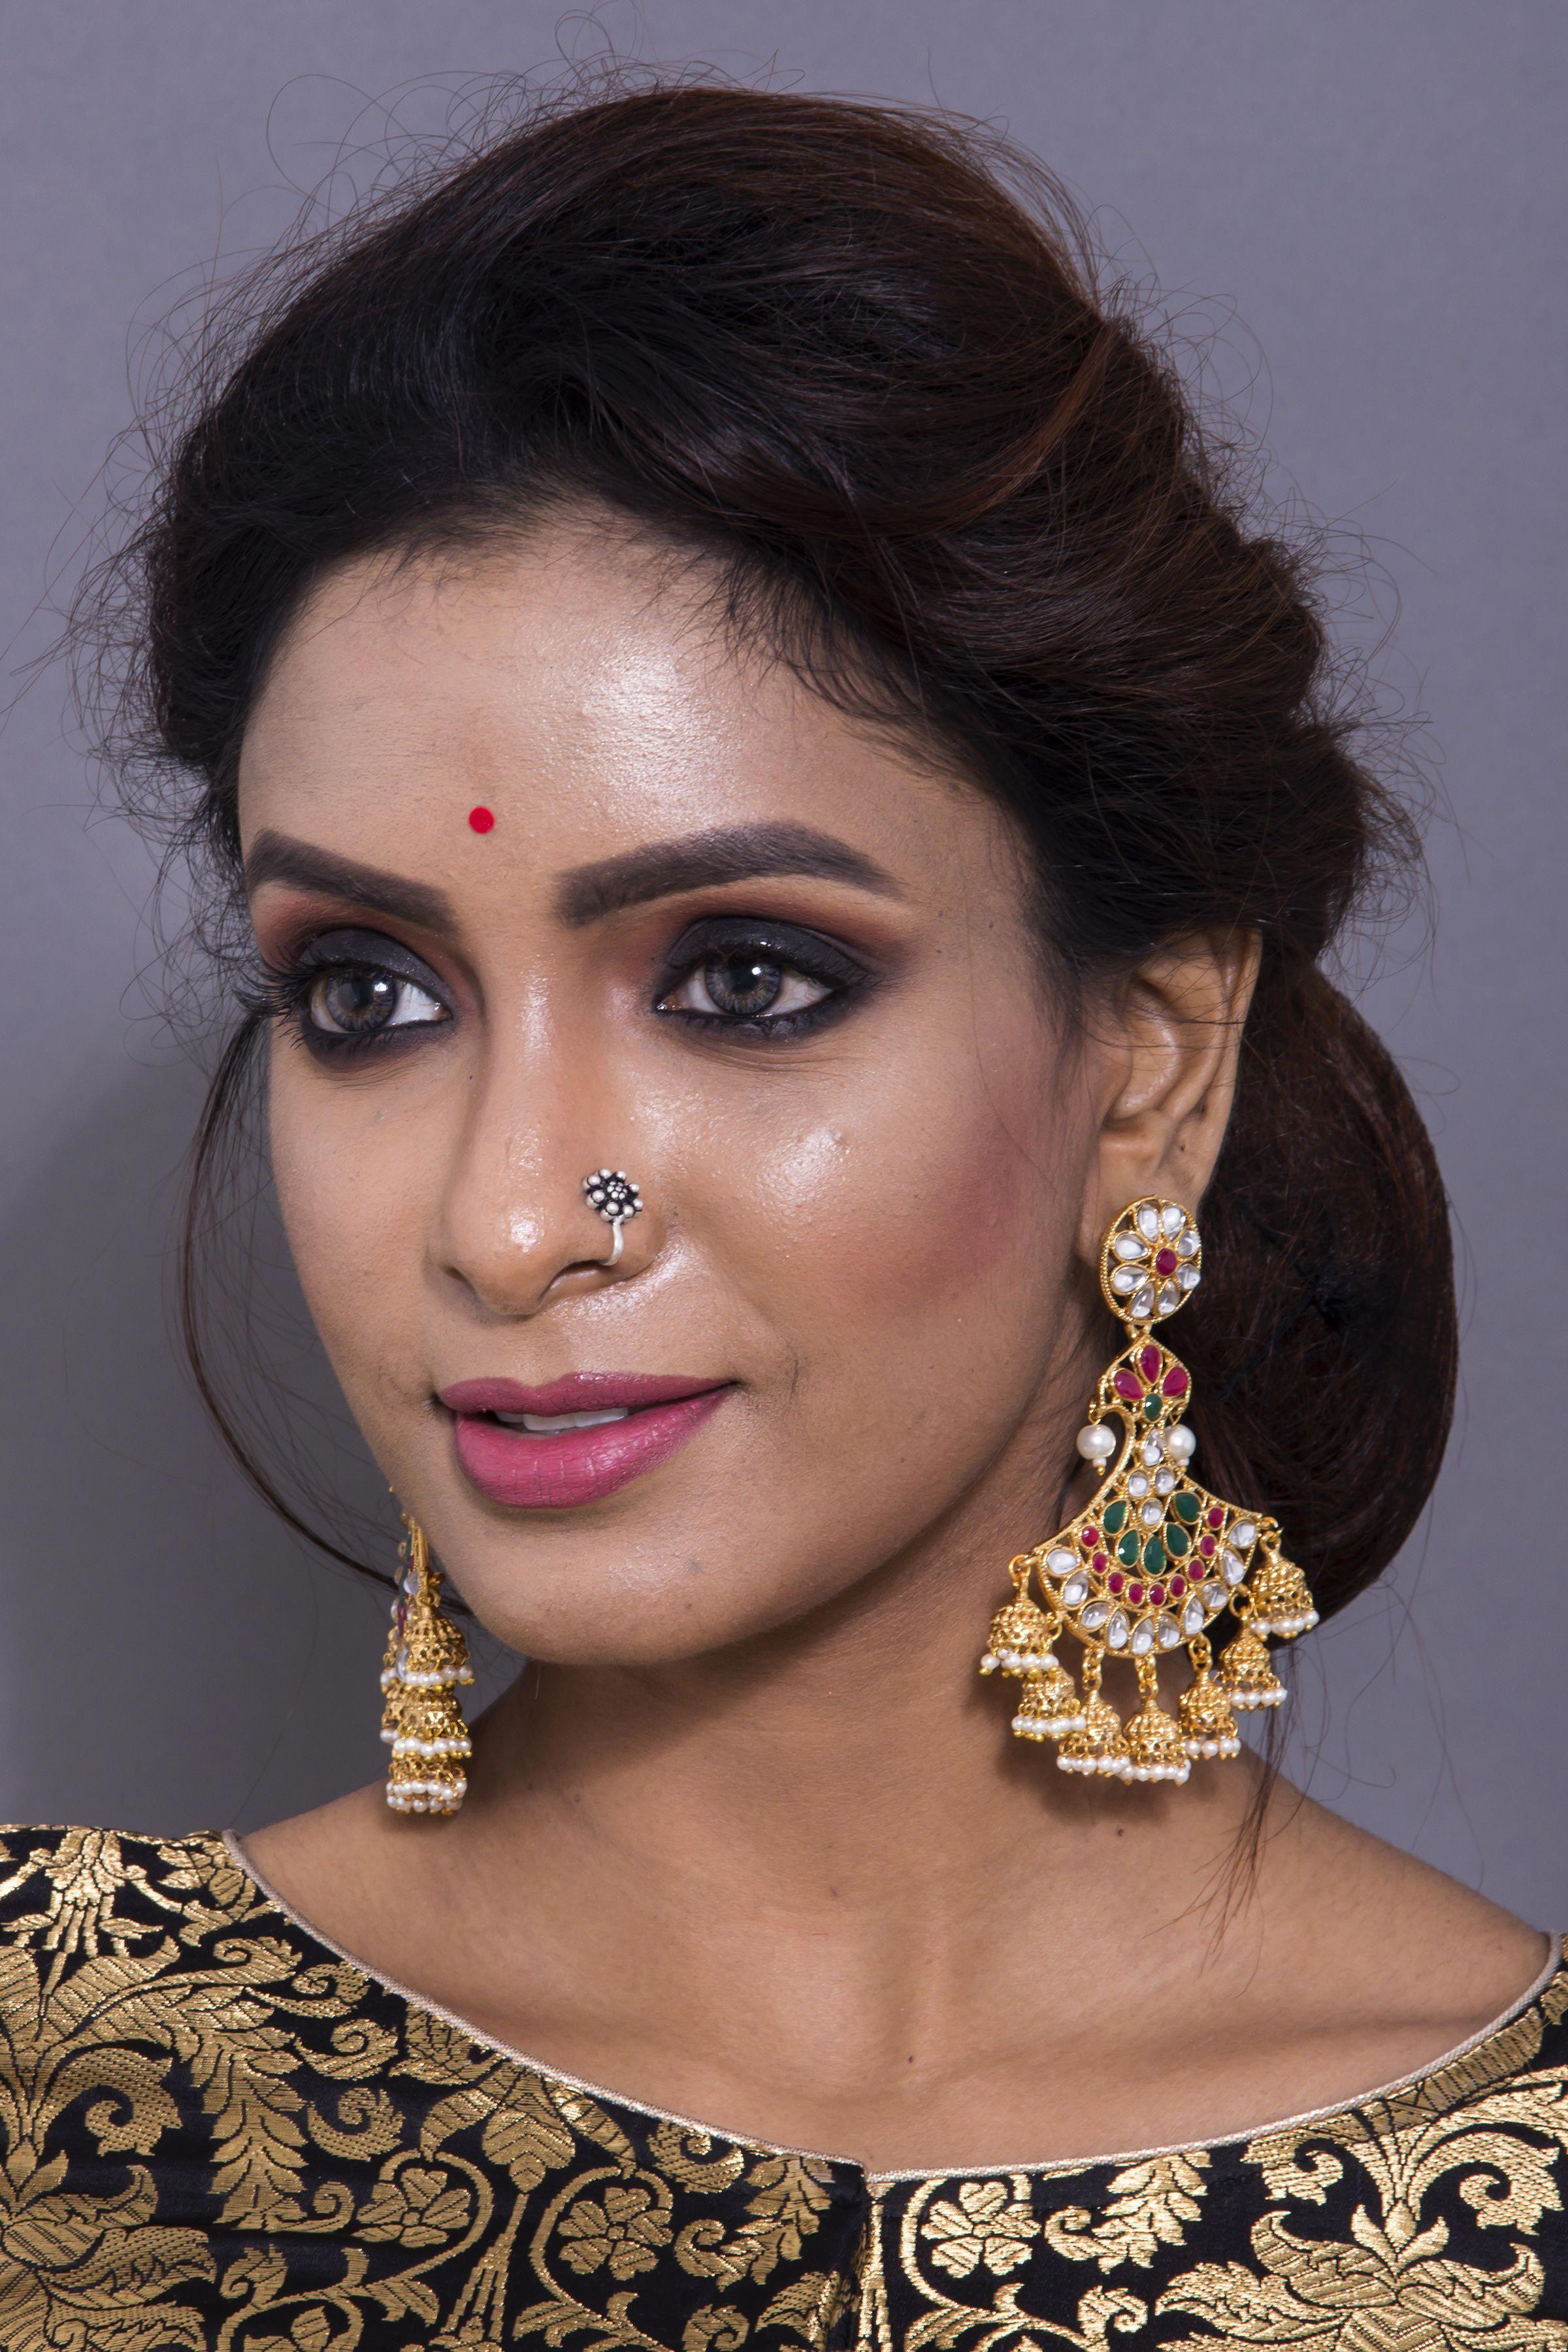 Nose Ring Indian Nose Ring Nose Rings Nose Ring Hoop Boho Etsy Indian Nose Ring Boho Nose Ring Nose Ring